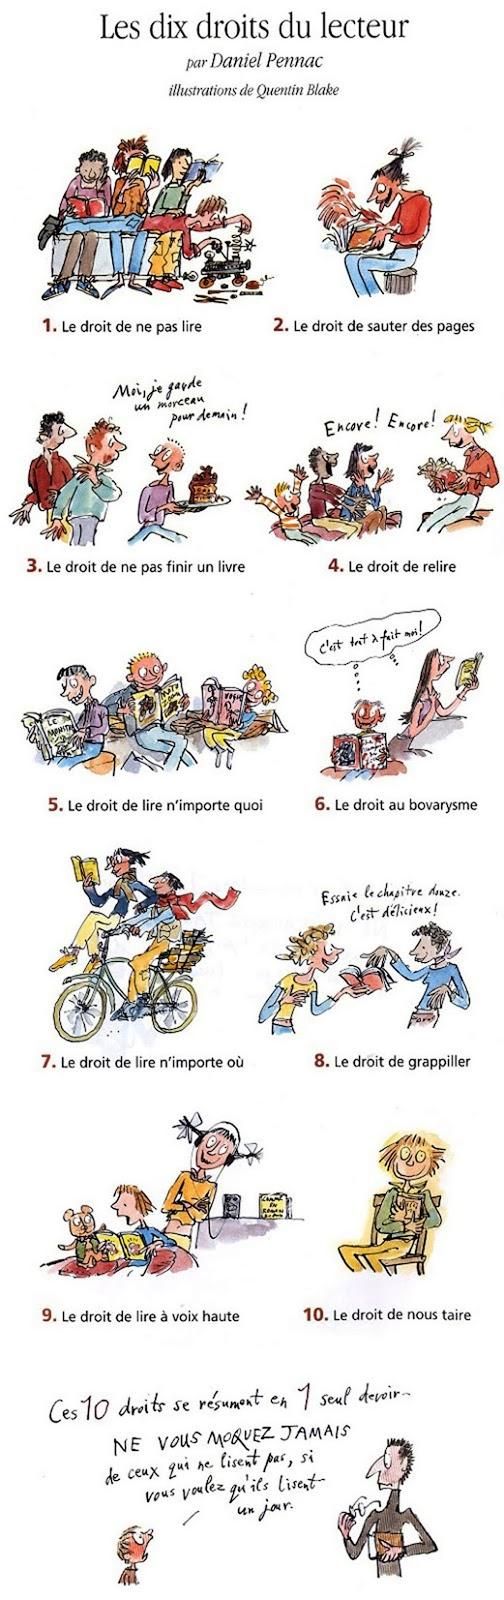 http://ticsenfle.blogspot.com.es/2012/04/daniel-pennac-les-droits.html